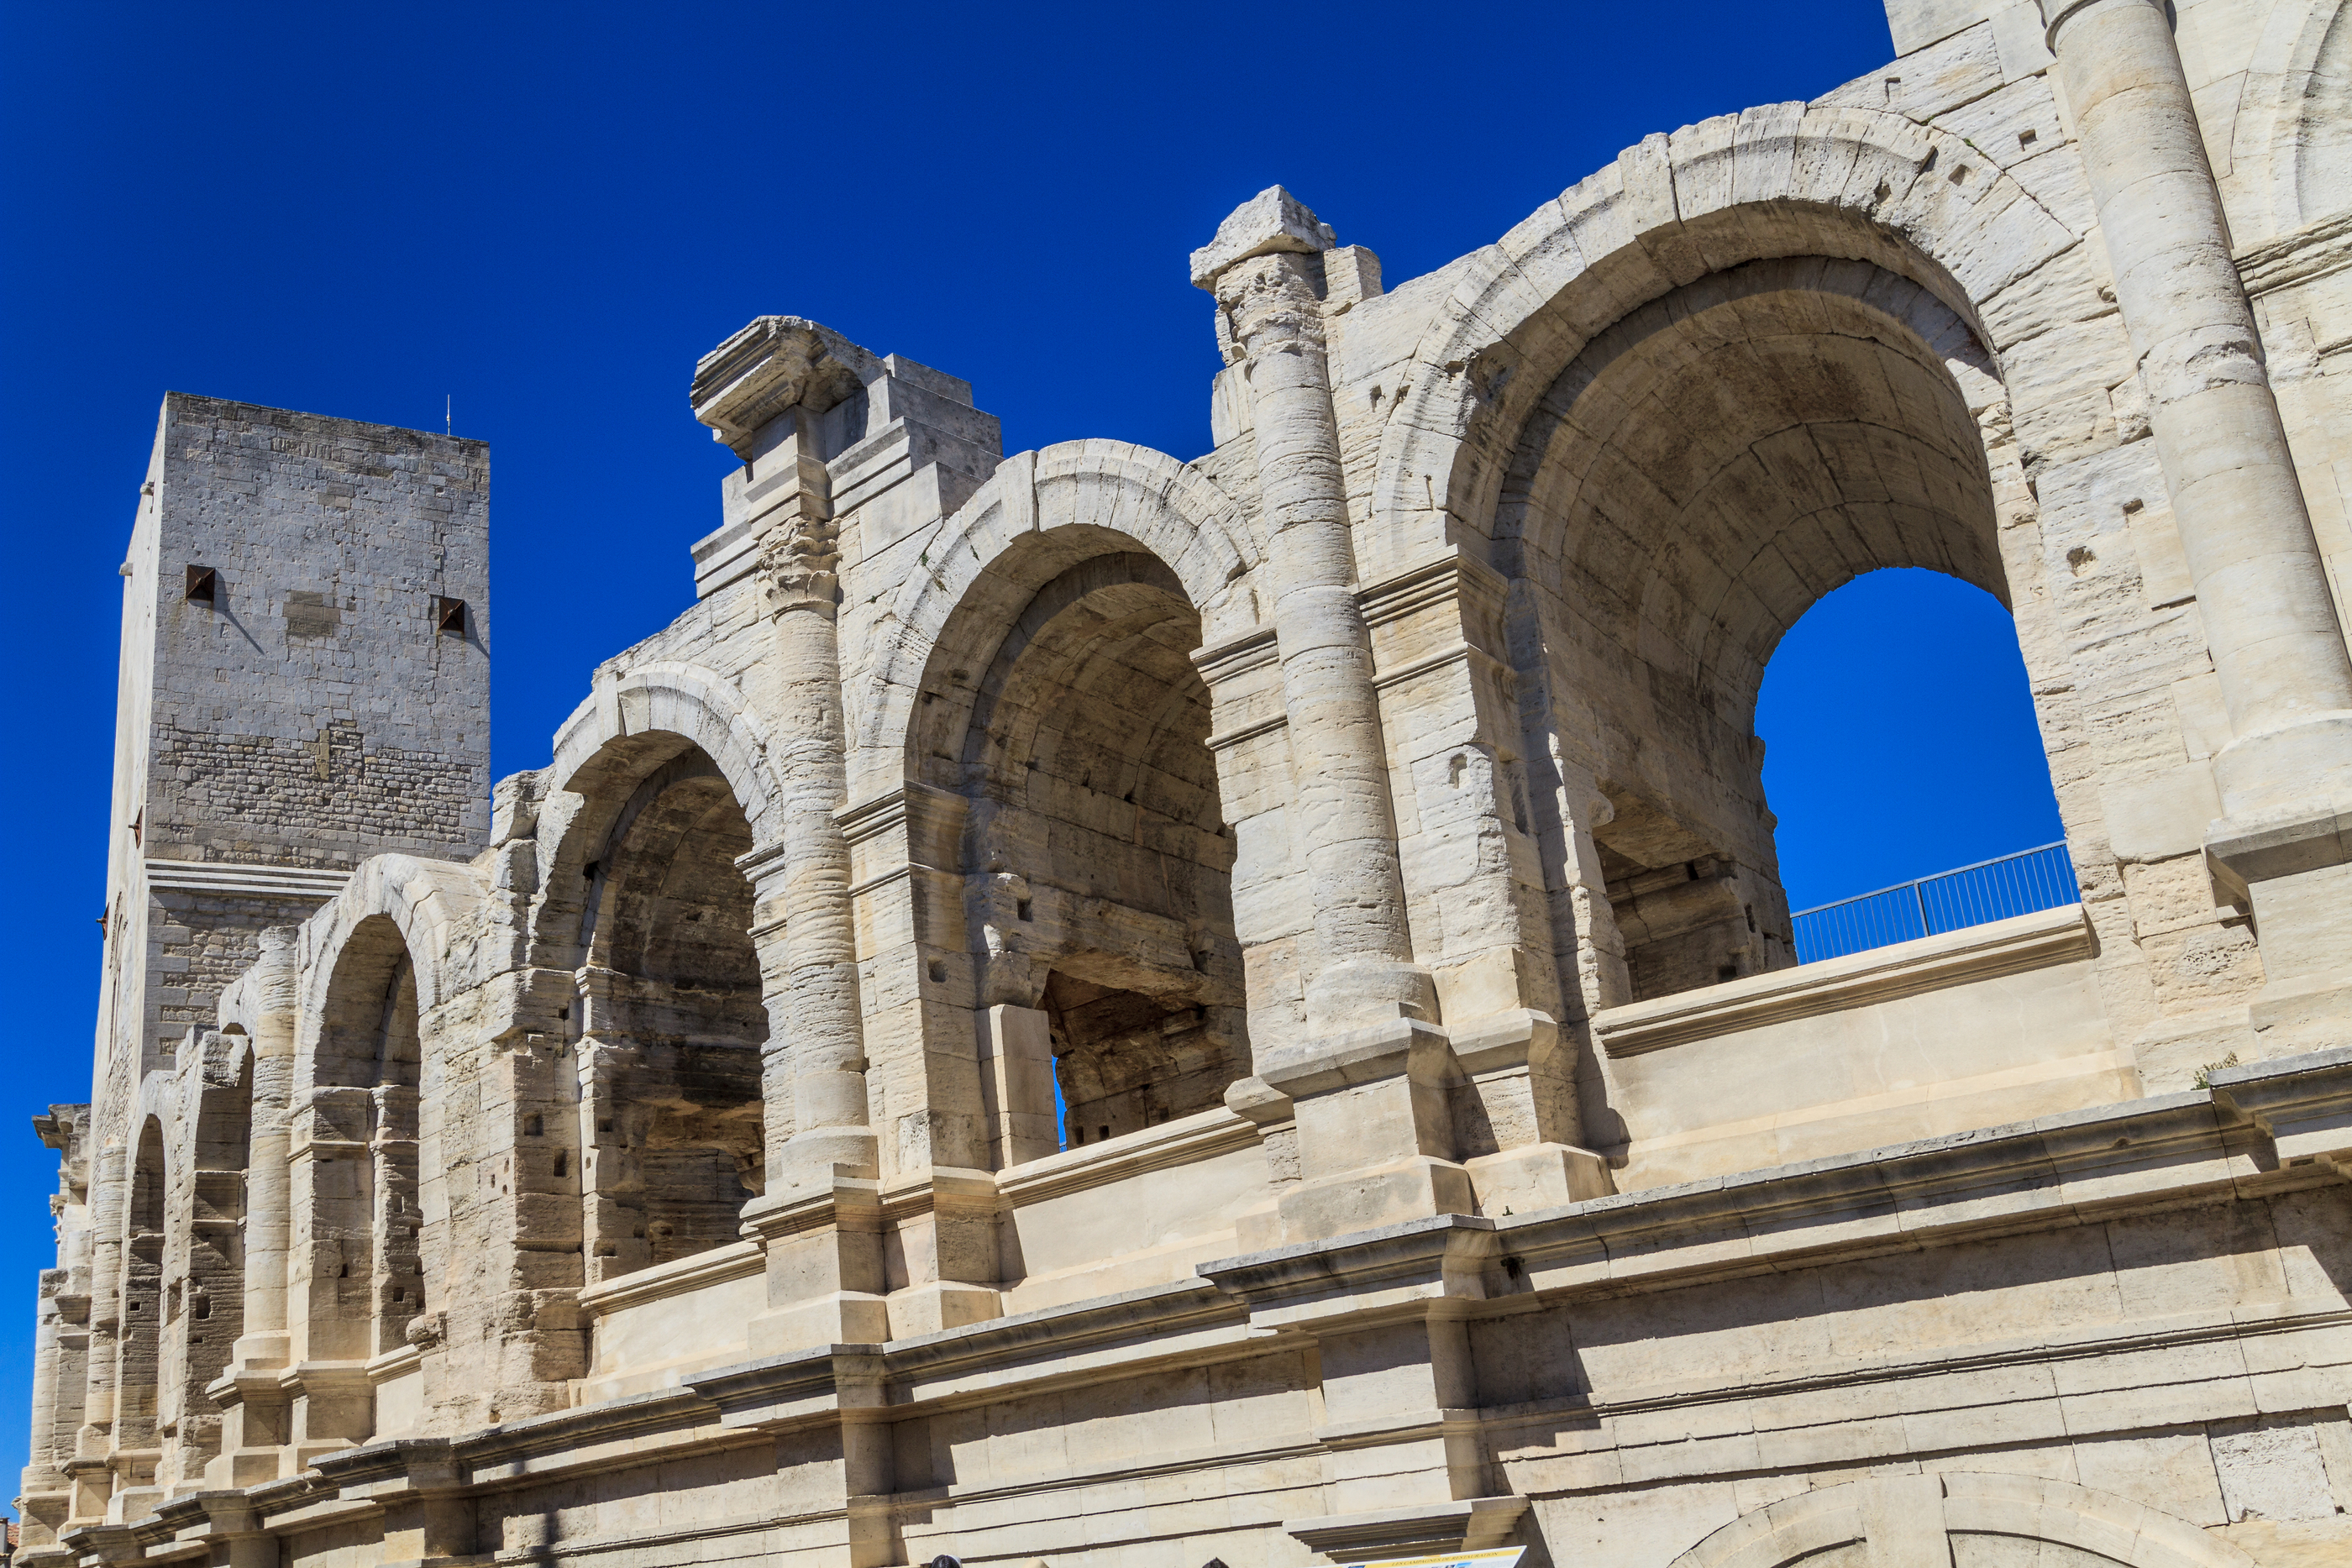 Activités, loisirs et transports Arles - Arles -